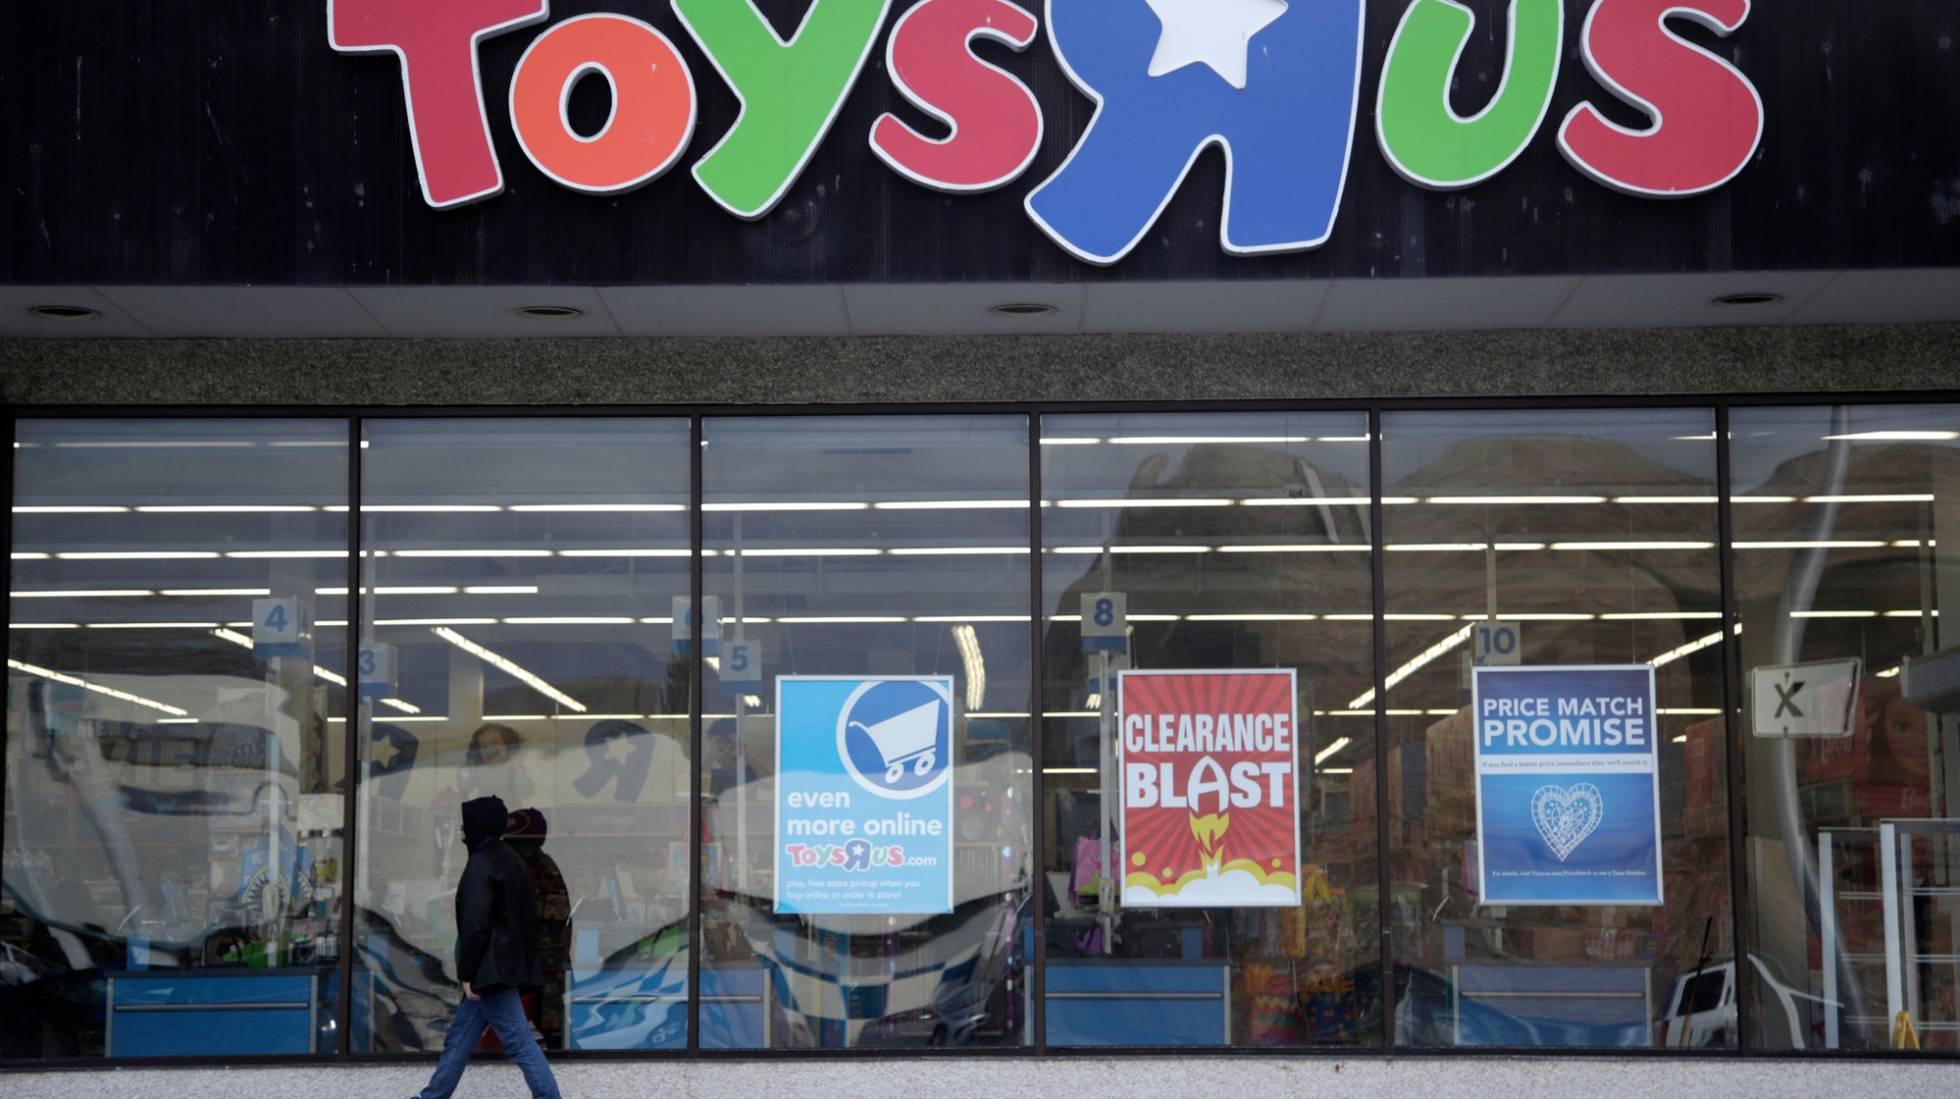 El fin de la gran juguetera: Toy's 'R' Us cierra hoy todas sus tiendas en EE UU